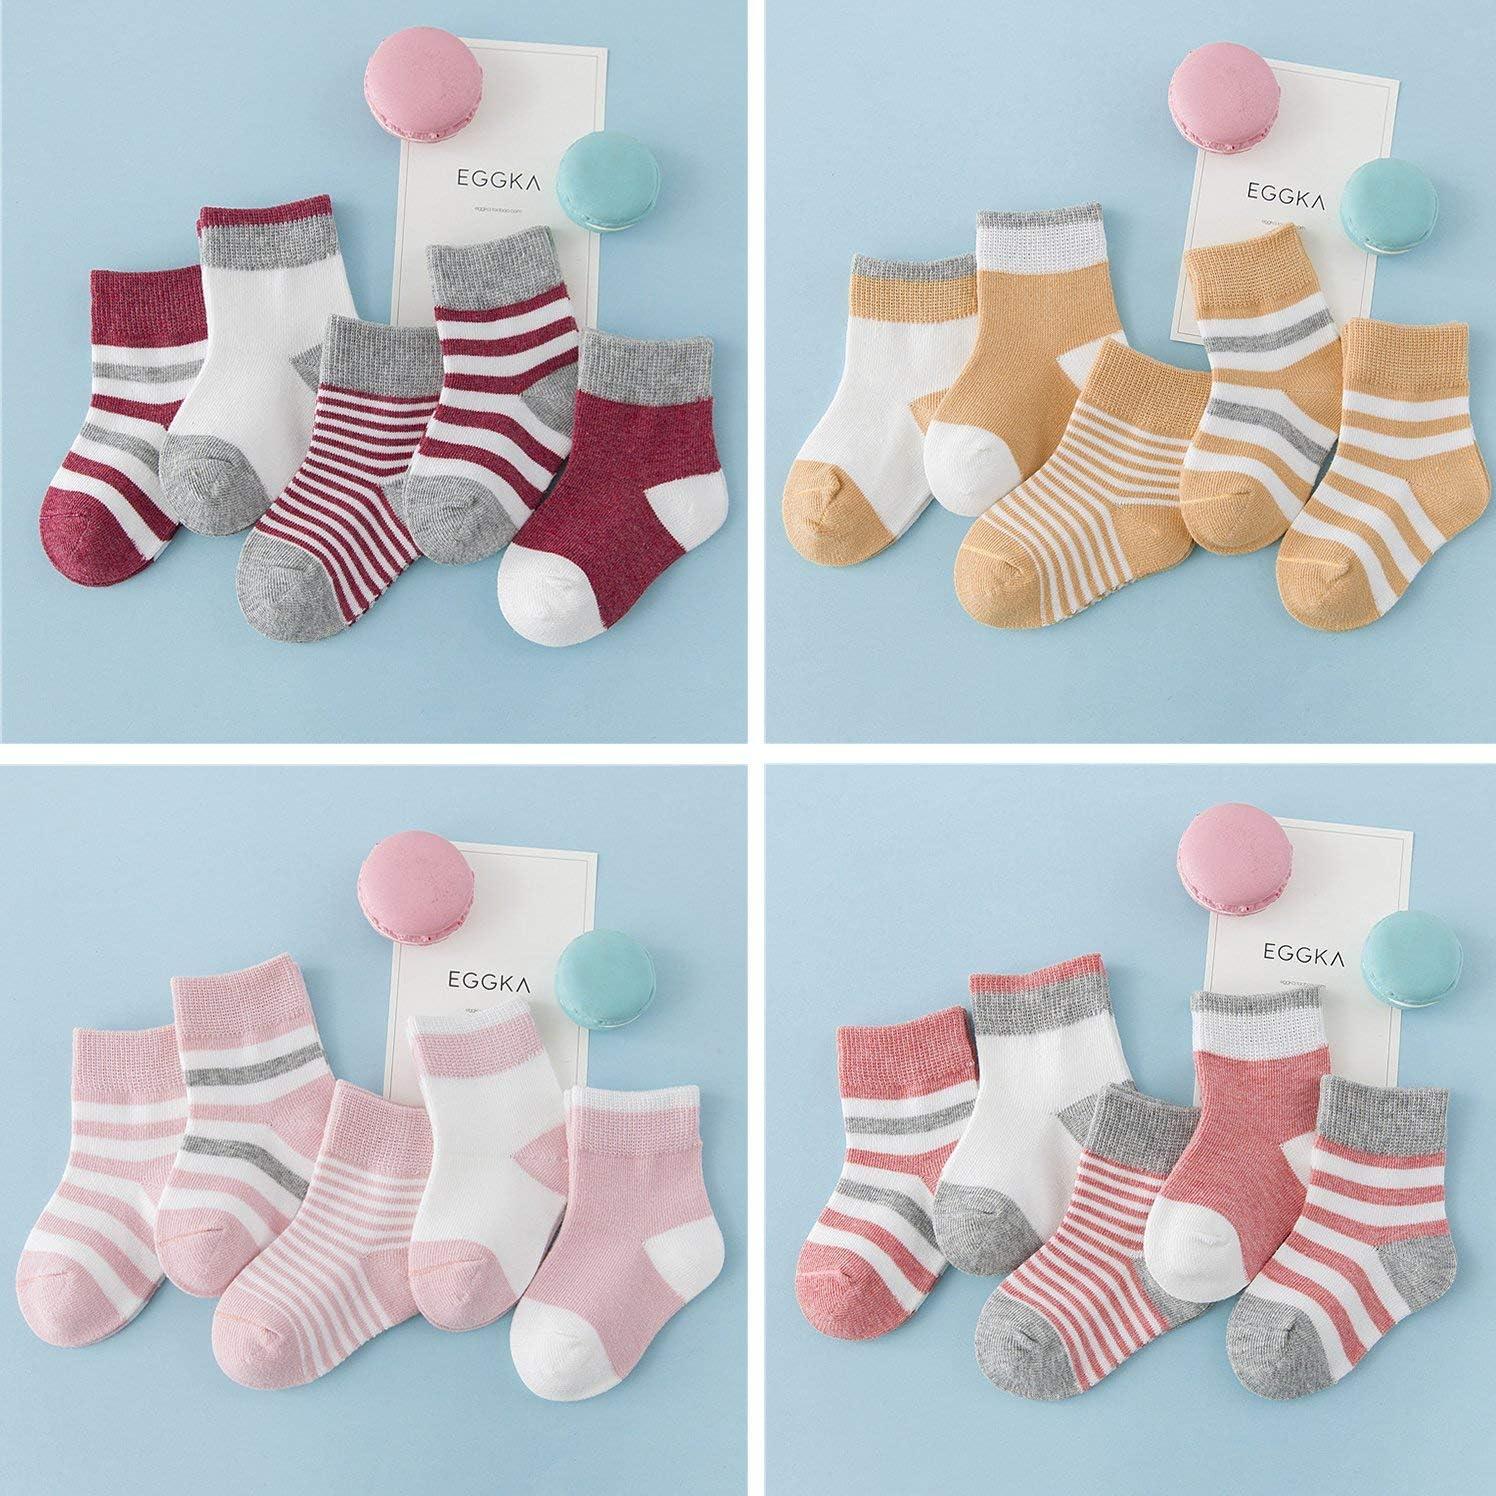 DEBAIJIA Calzini per bambini 5 in 1 Set Calzini per ragazzi in maglia per bimbe Ragazze in cotone elastico colorato